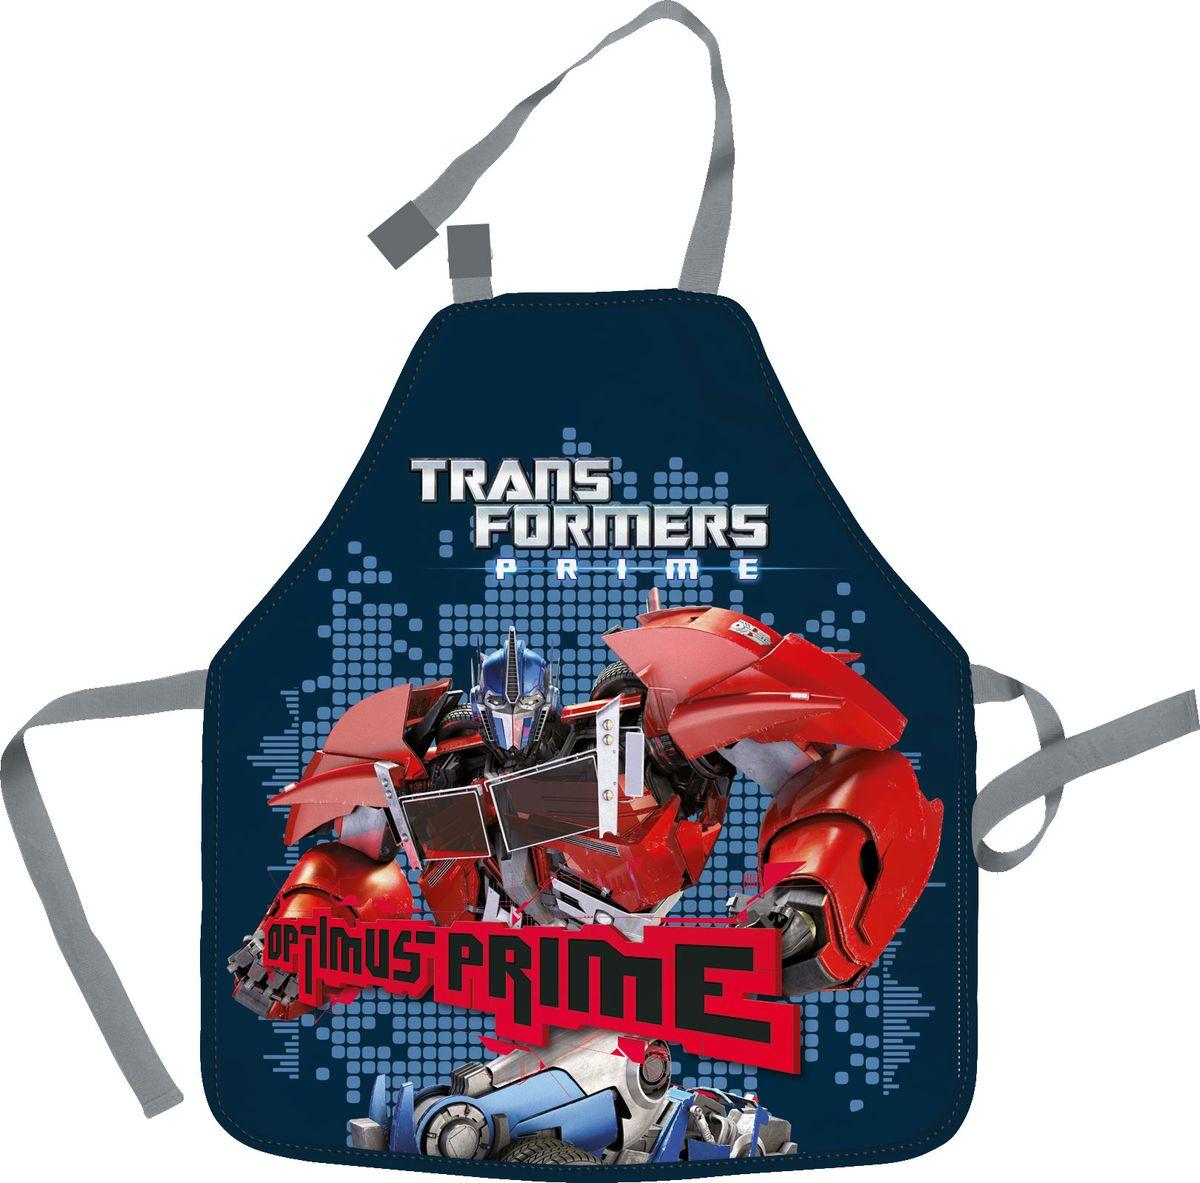 Transformers Фартук для труда Optimus Prime72523WDФартук Transformers Optimus Prime поможет вашему ребенку не испачкать свою одежду во время занятий творчеством и на уроках труда. Изделие изготовлено из водостойкого материала. Удобные завязки помогут зафиксировать фартук на шее и талии в нужных положениях.